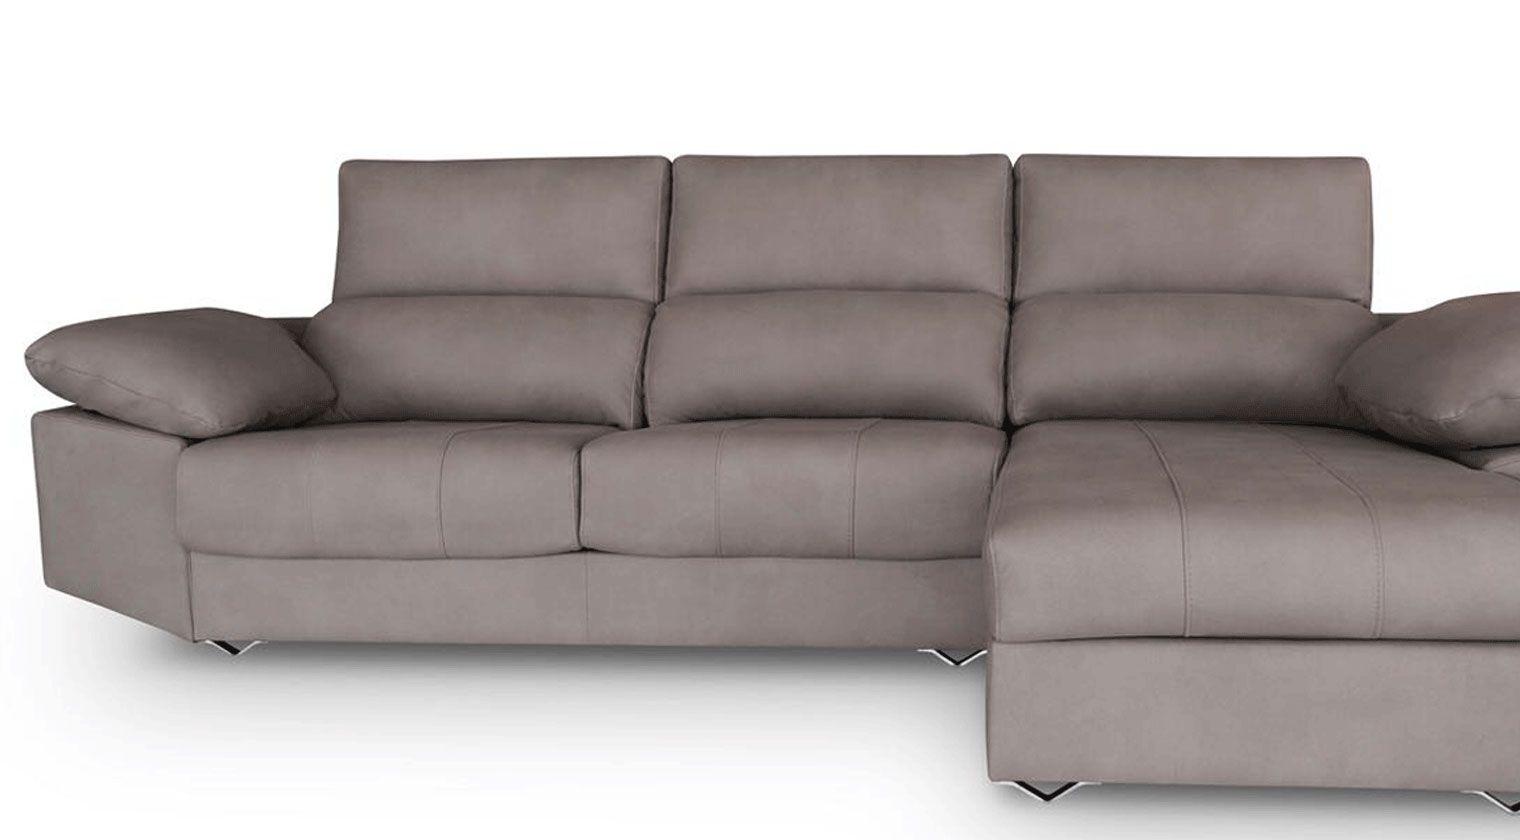 Comprar sof tela invictus chaise longue 4 plazas tela varese for Sofas baratos asturias